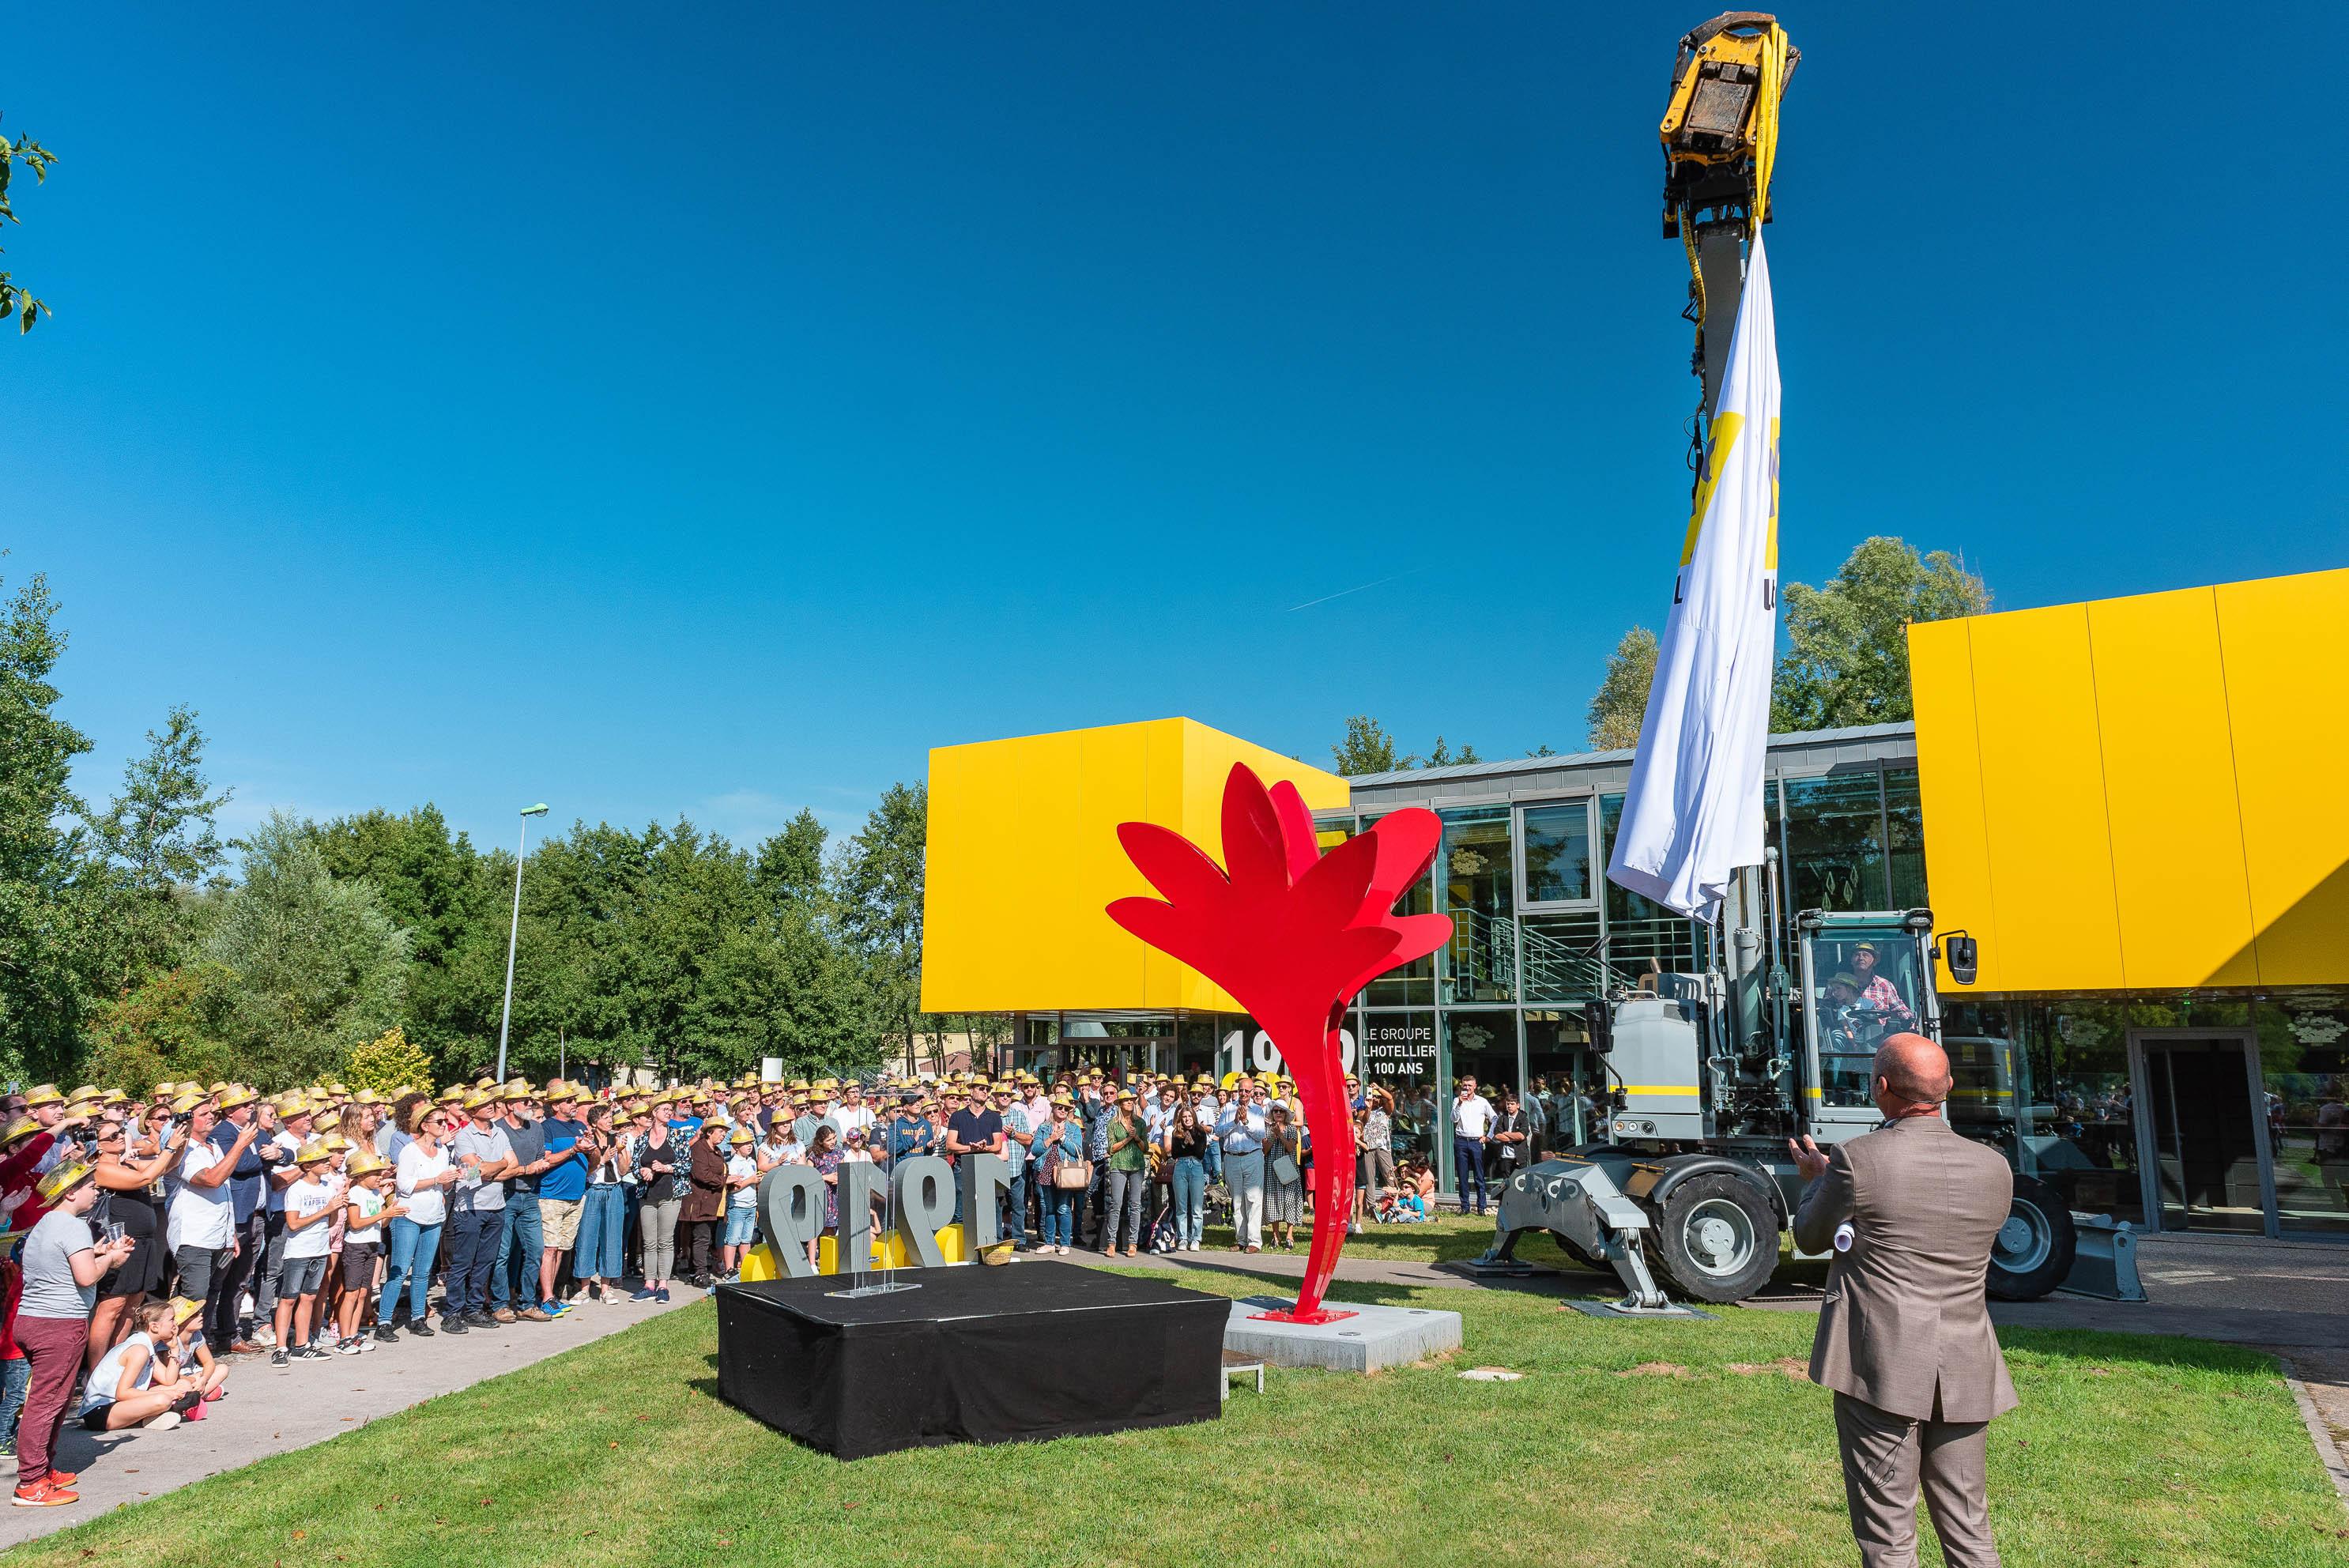 photo en couleur représentant l'inauguration de la statue de l'entreprise lhotellier pendant la fête des 100 ans auteur Franck Burjes photographe de reportage à Amiens